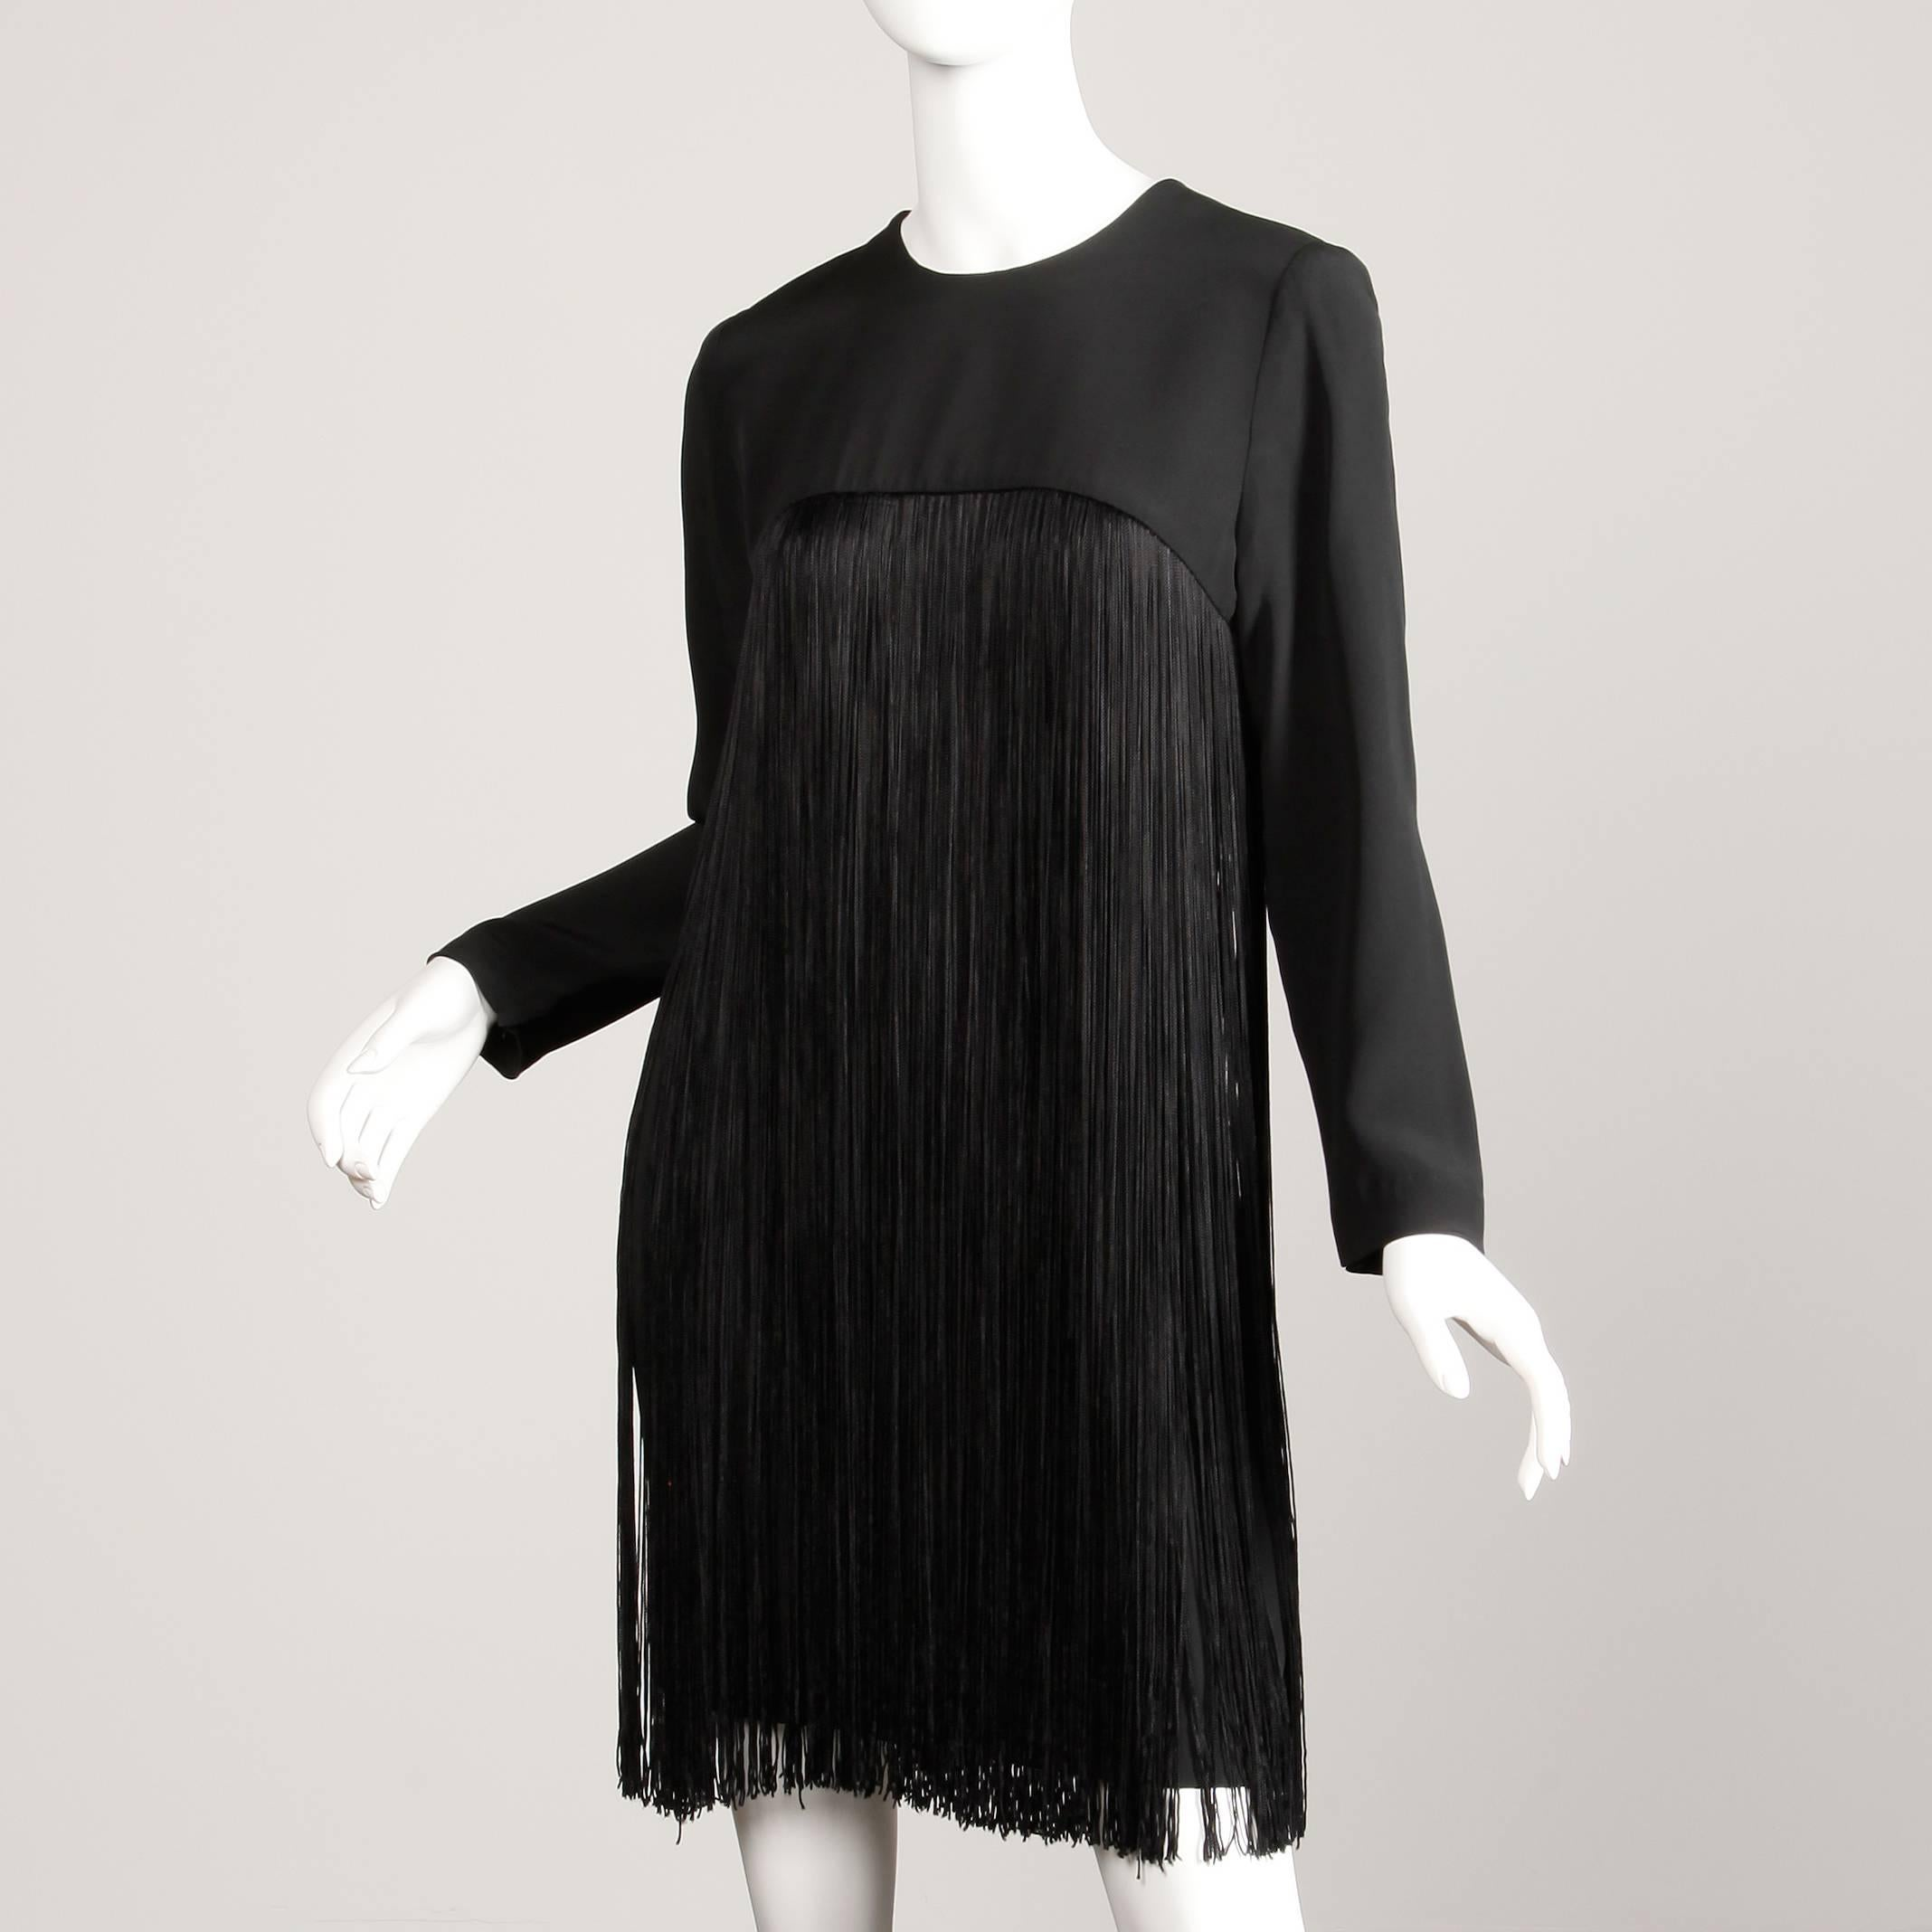 6845297a77e7 1970s Travilla Vintage Black Long Sleeve Flapper Fringe Cocktail Dress For  Sale at 1stdibs